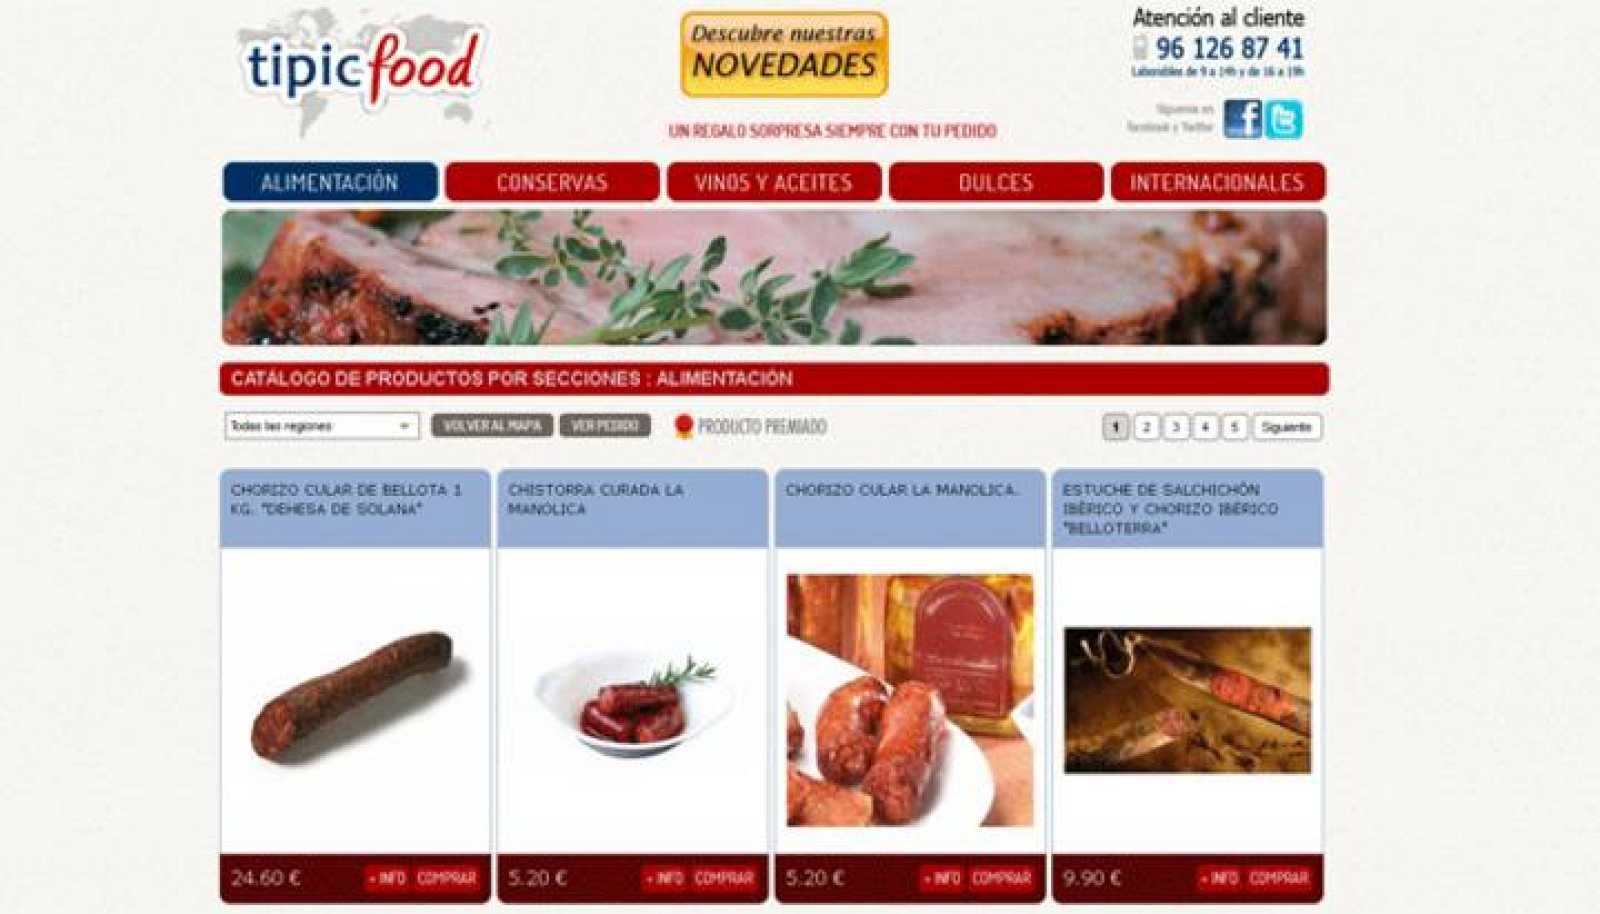 El escaparate de internet en el que Tipic Food vende alimentos típicos españoles